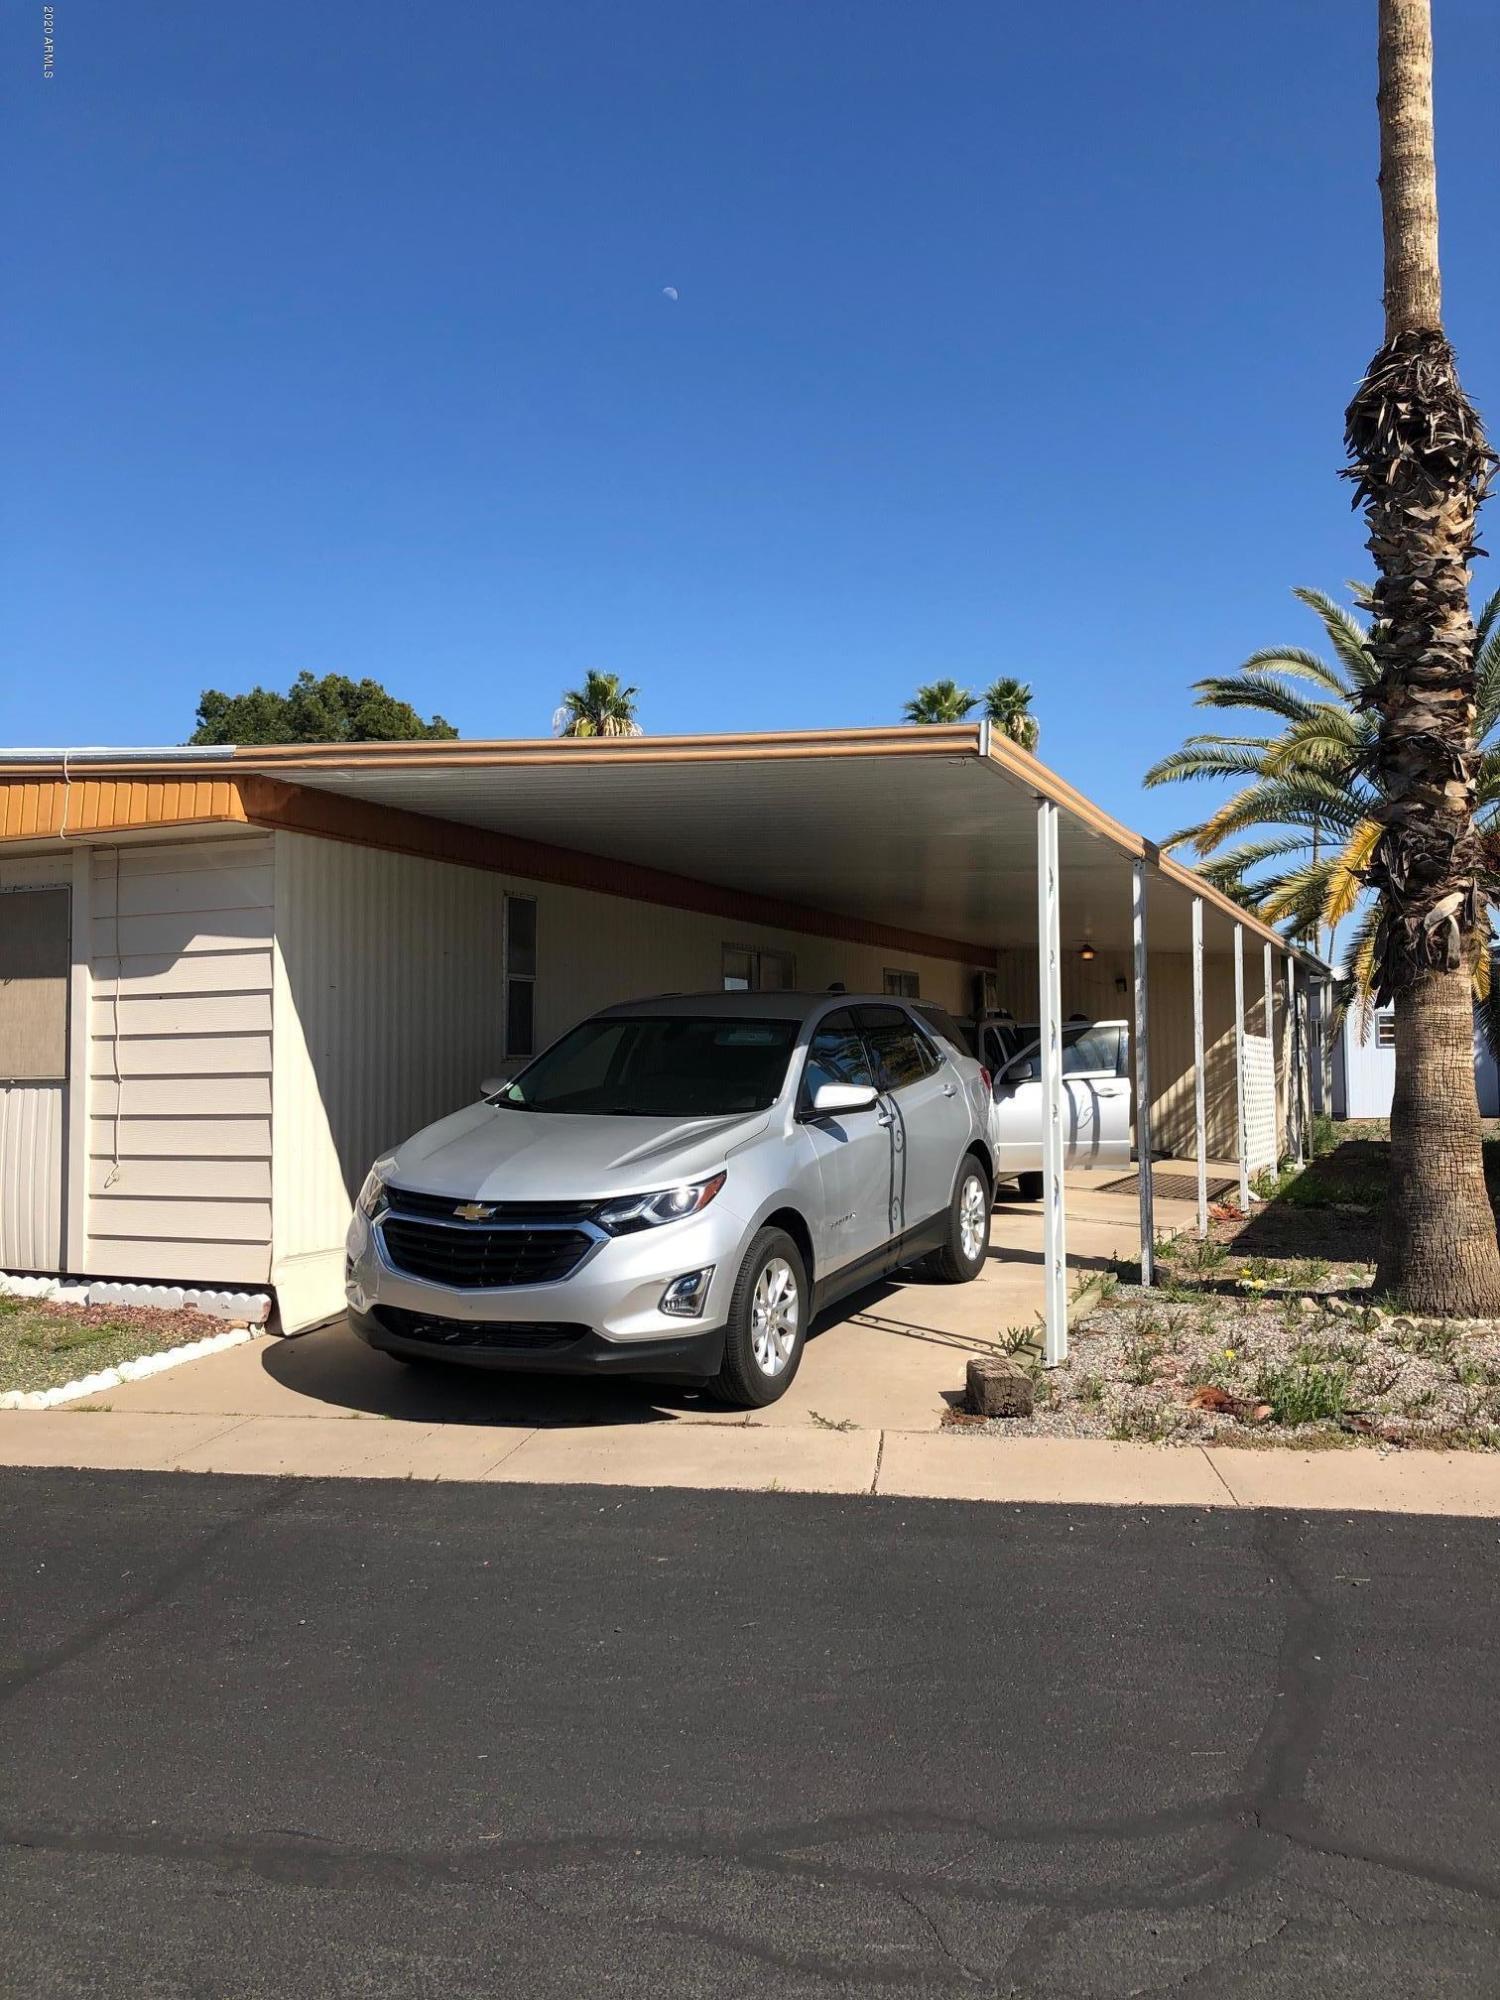 Photo of 303 S Recker Road #128, Mesa, AZ 85206